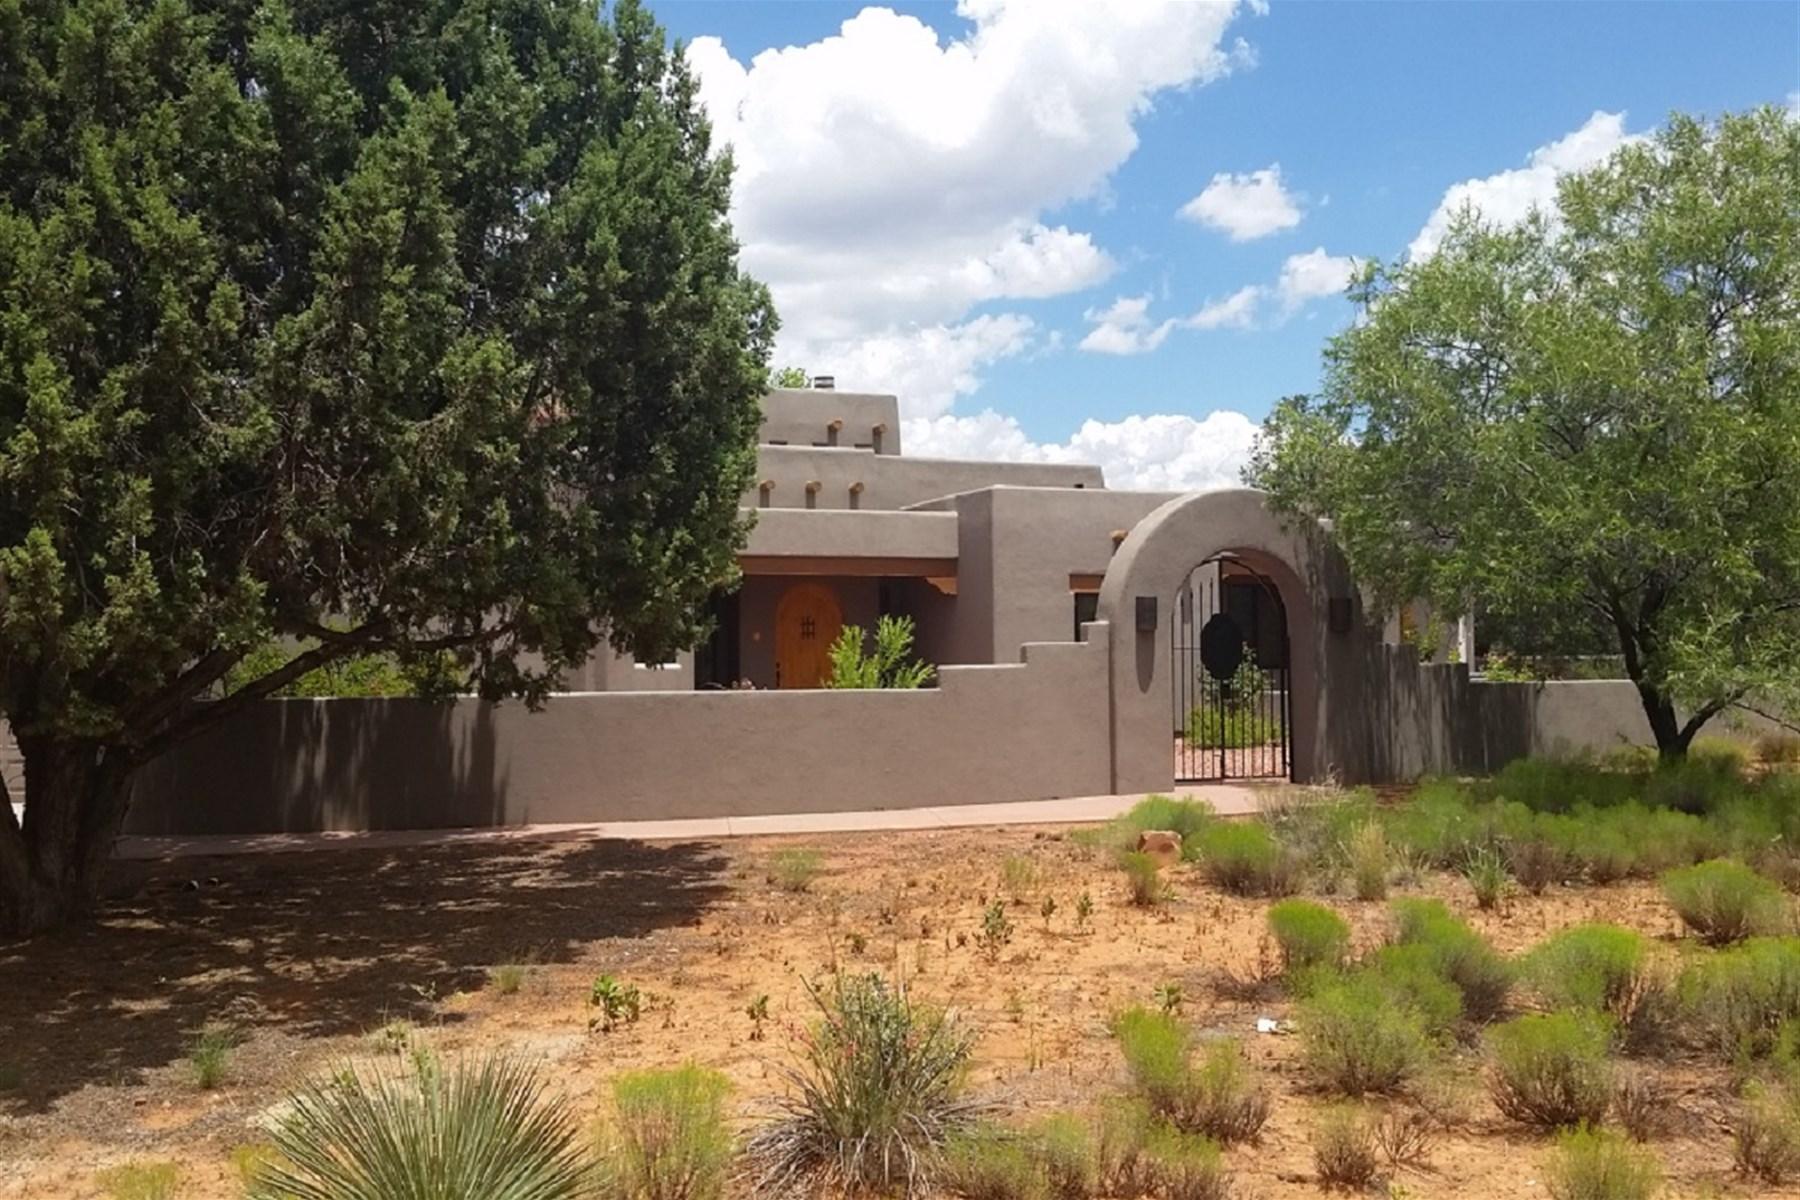 Частный односемейный дом для того Продажа на Fabulous Santa Fe style home is surrounded by spectacular views 30 Crimson Vista Lane Sedona, Аризона 86351 Соединенные Штаты